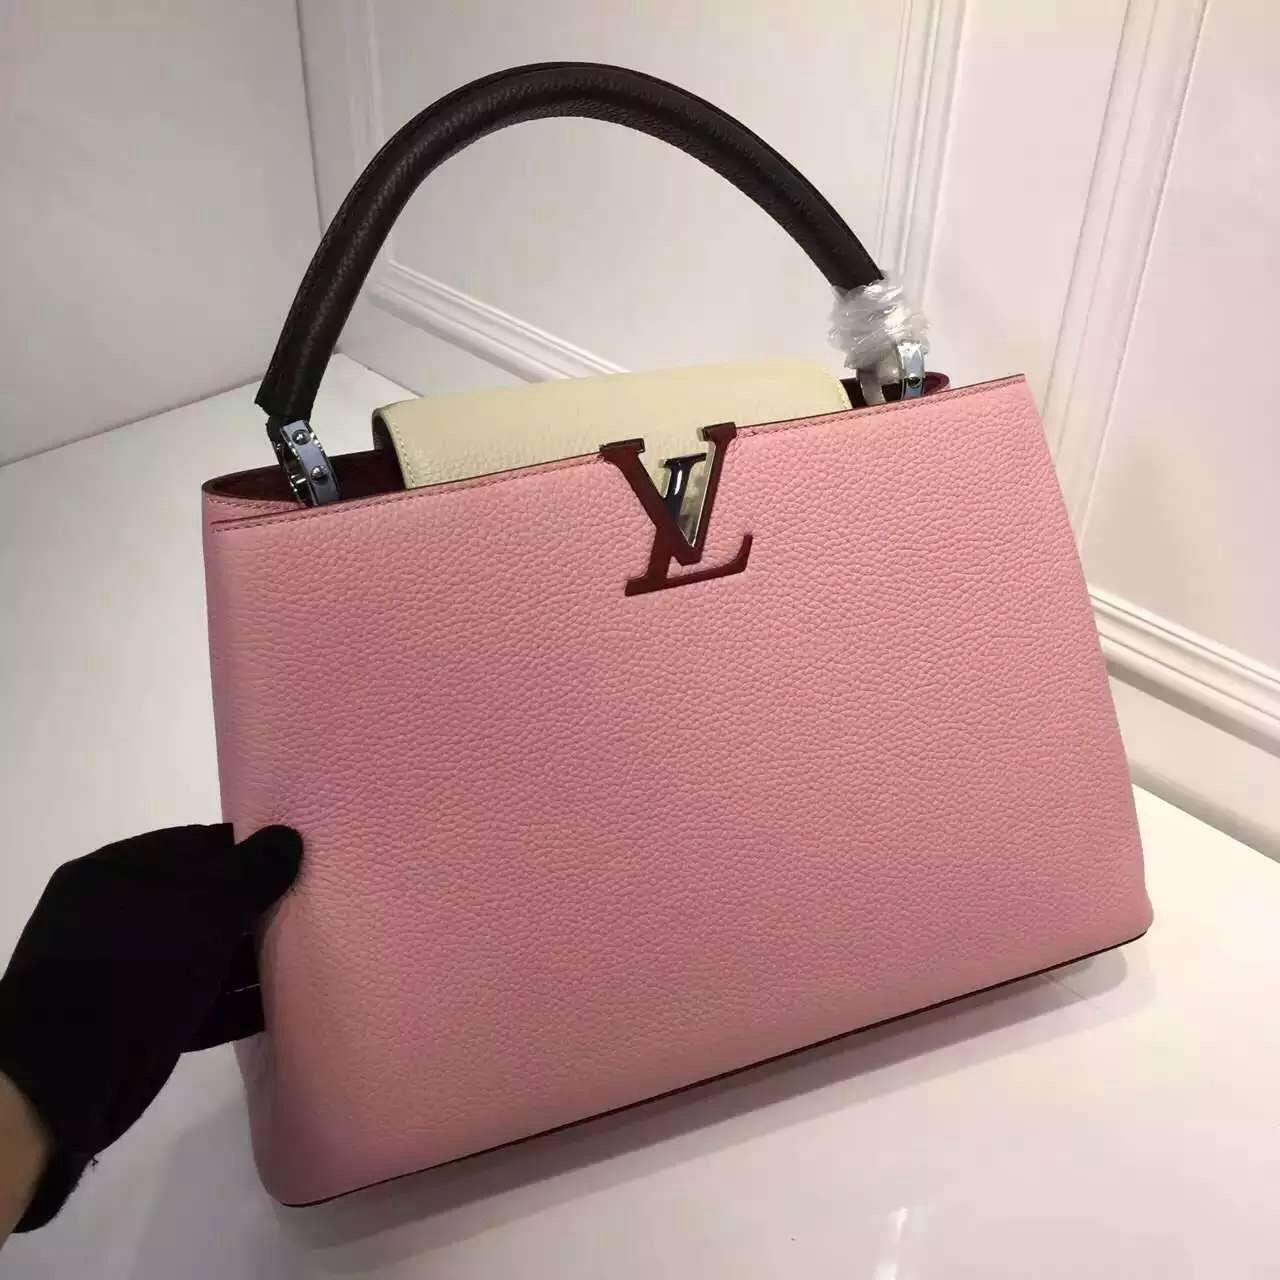 Louis Vuitton Grained Calfskin Multicolor Capucines MM Bag Capucines  Designer Bags For Less, Bag Sale e53a7256f0